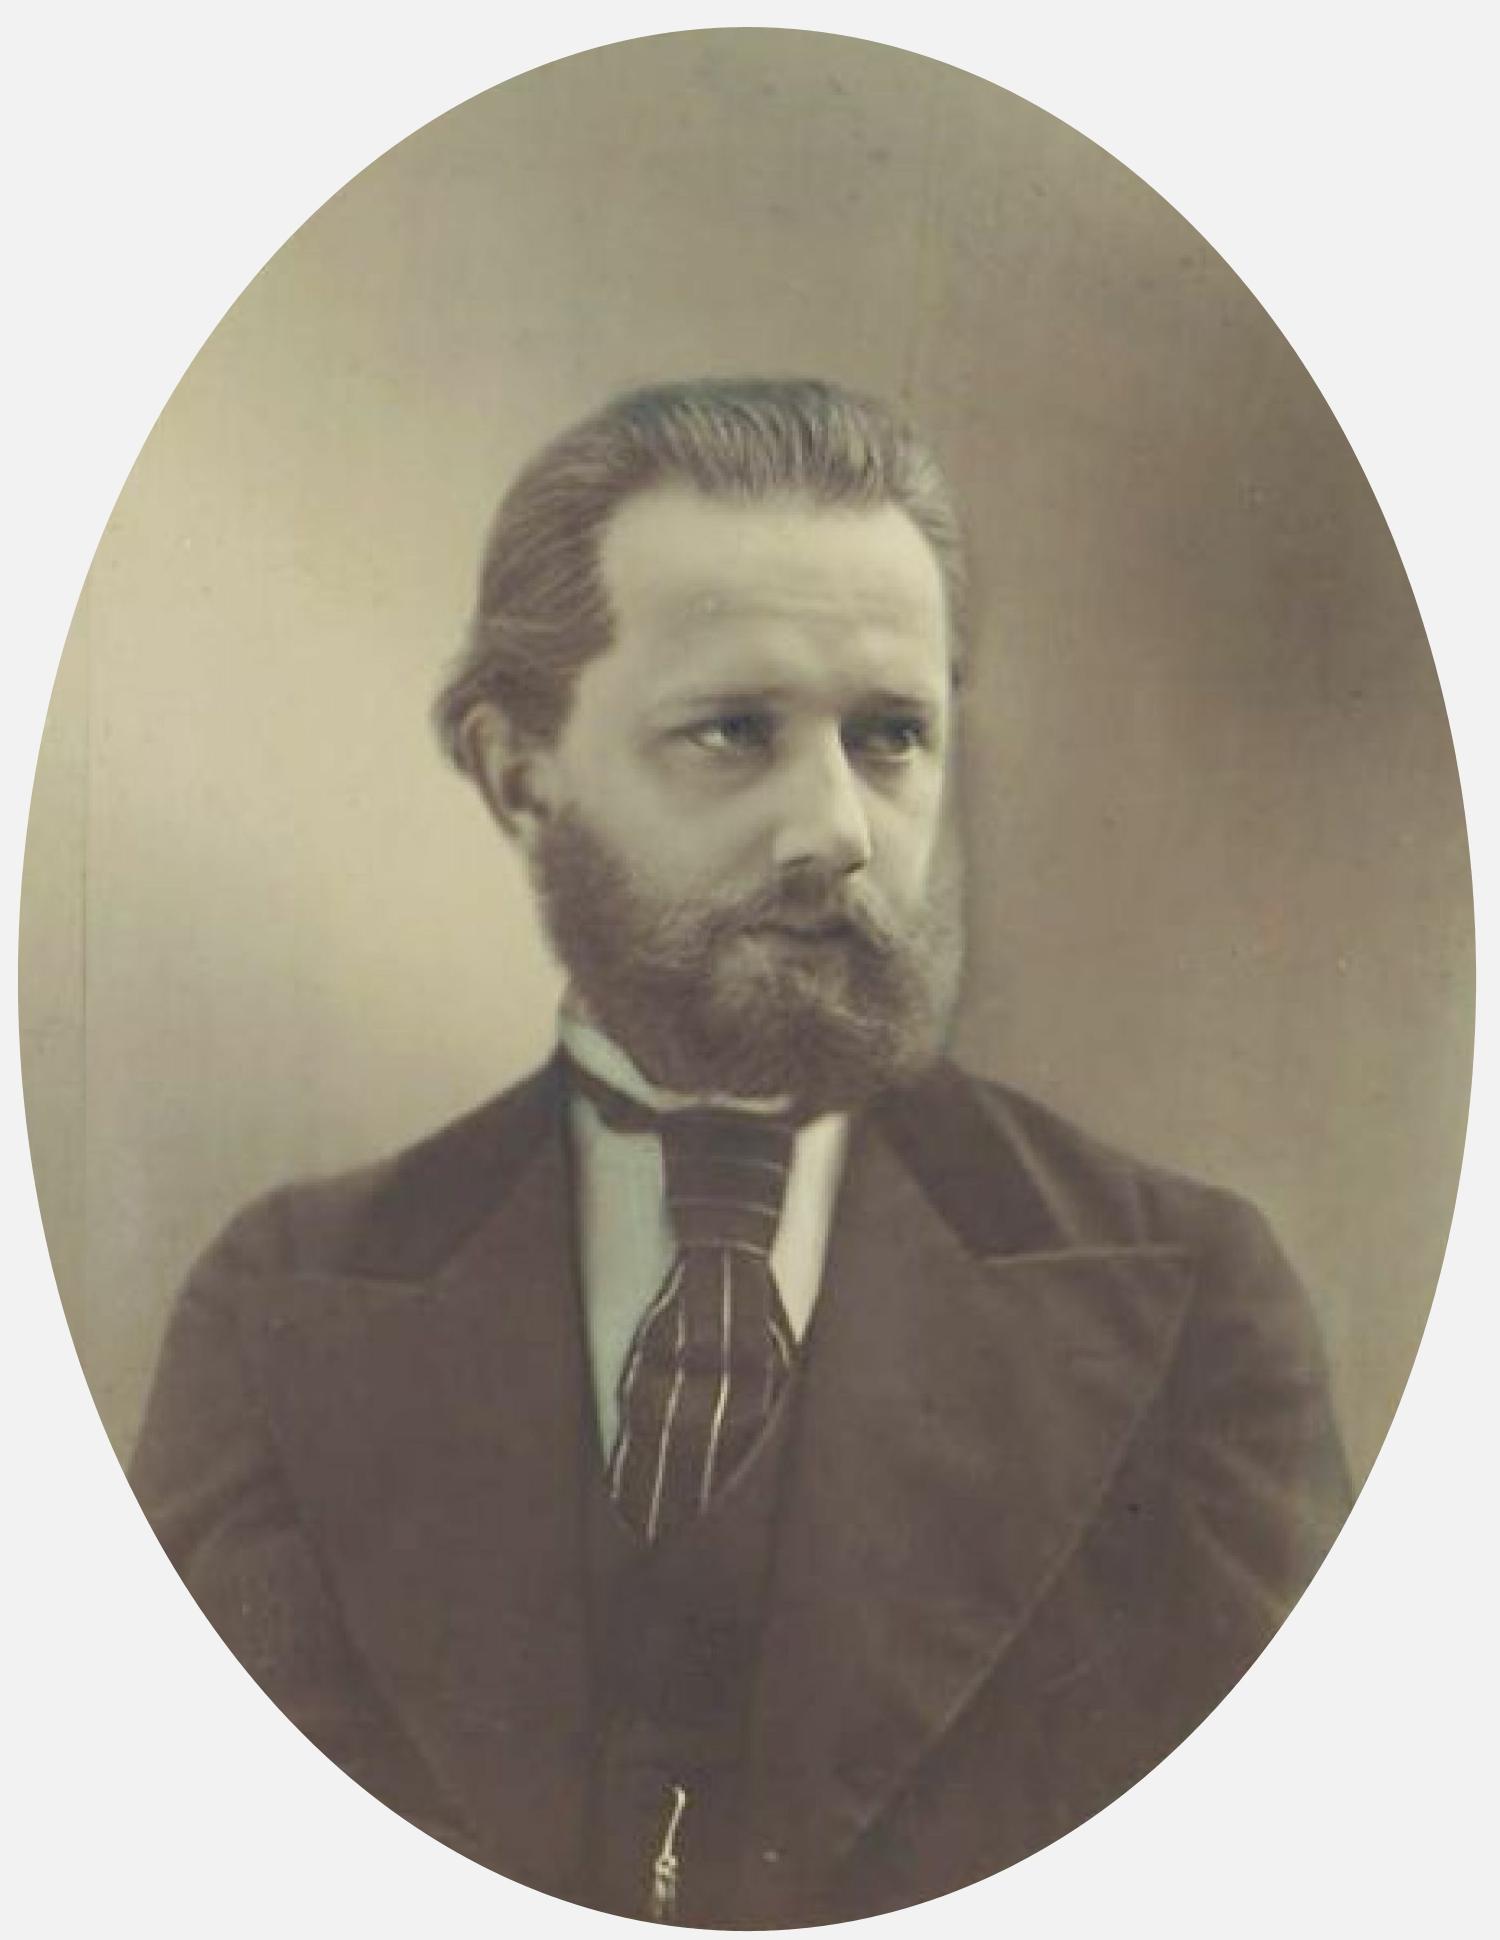 Portrait du jeune Peter TSCHAIKOWSKI fait par Michail Michailowitsch Panow (1836-1894), State P.I. Tchaikovsky Memorial Museum, Klin, clicquer pour une vue agrandie